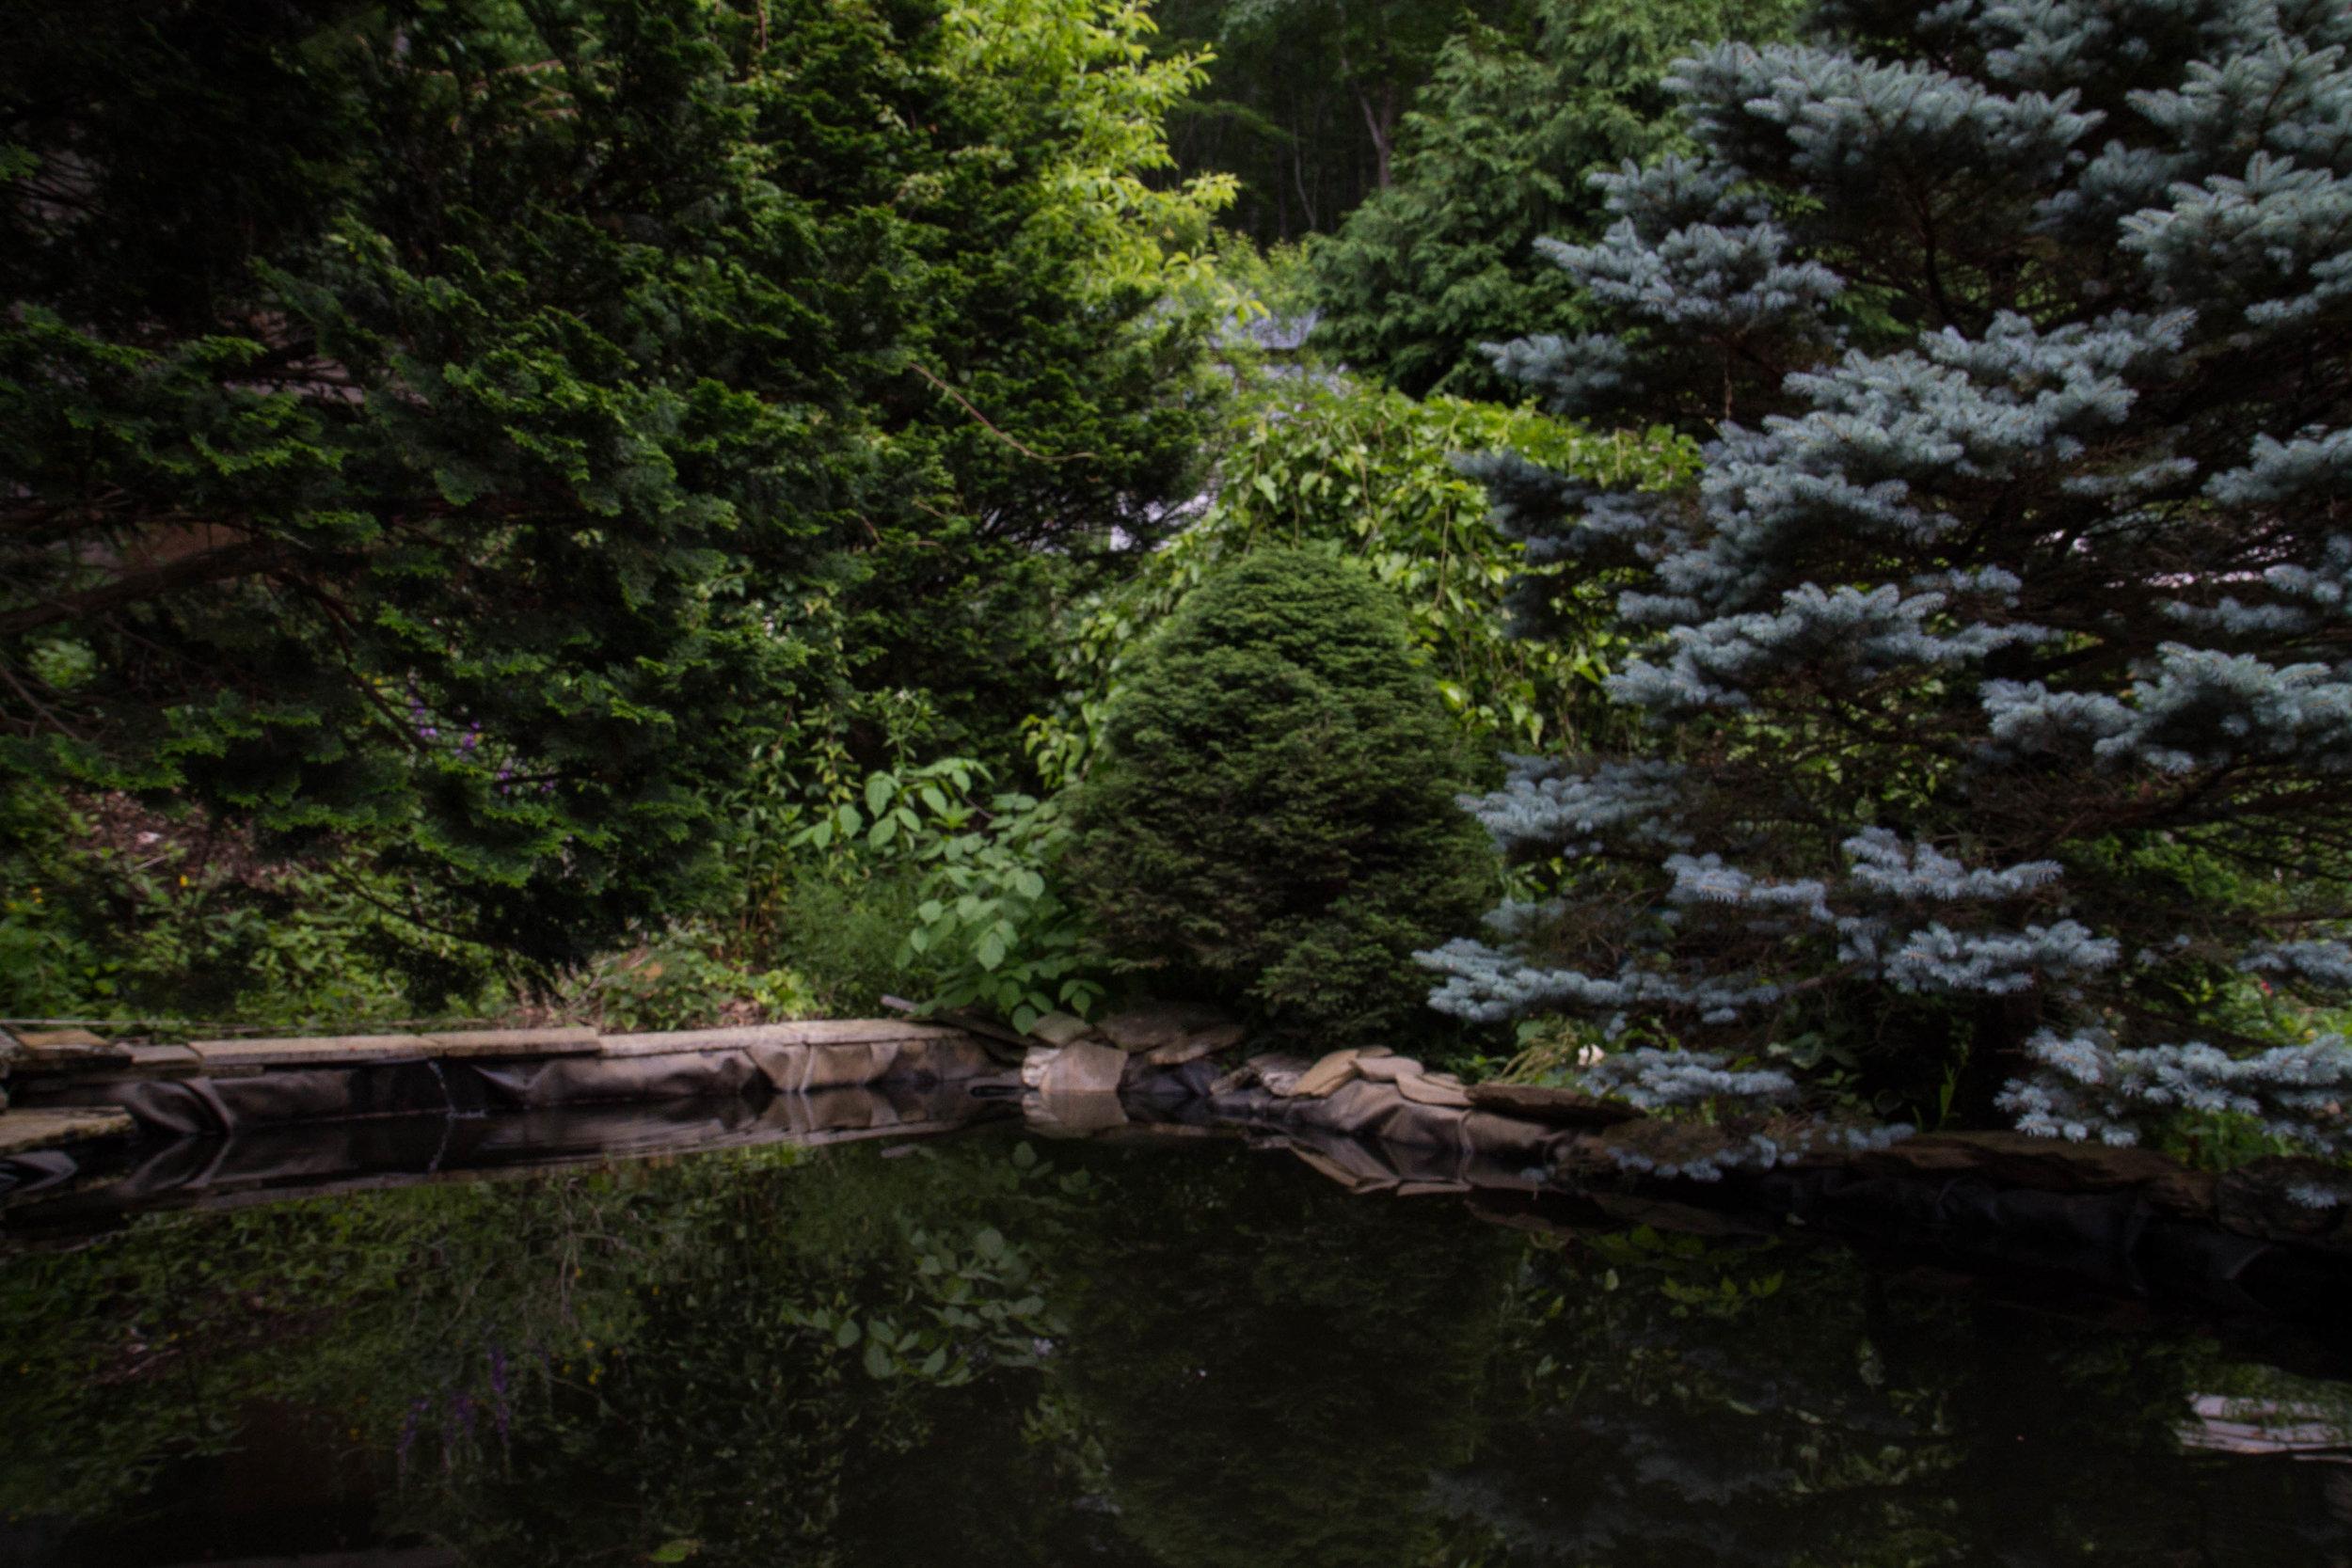 池塘,劳伦·莱特博迪2017年摄。